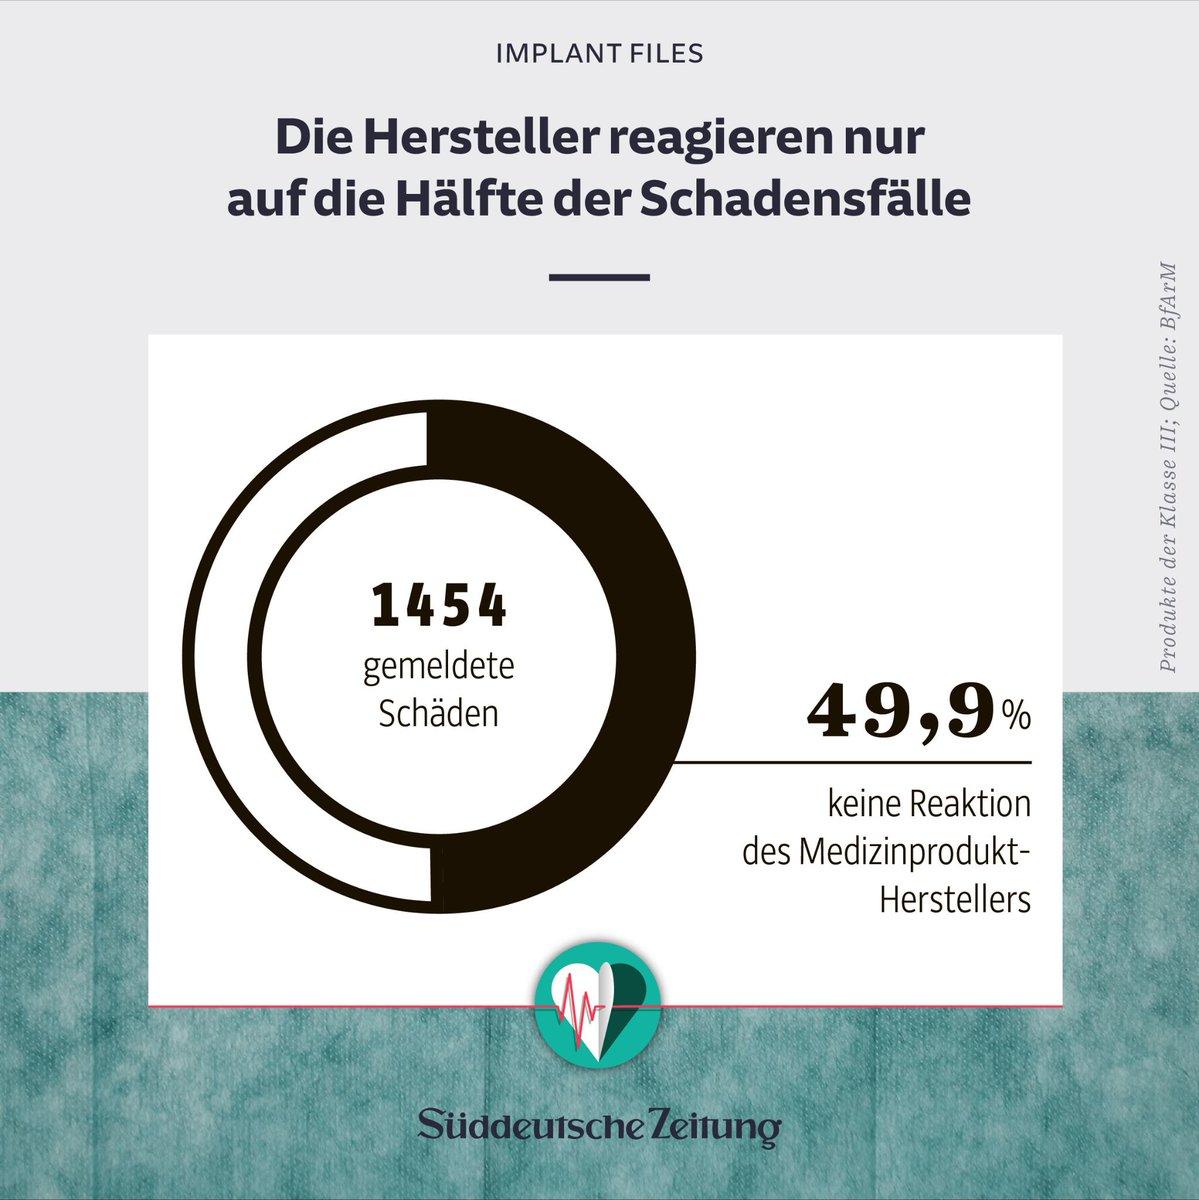 Suddeutsche Zeitung On Twitter Alle Implantfiles Finden Sie Unter Https T Co Elygtdua